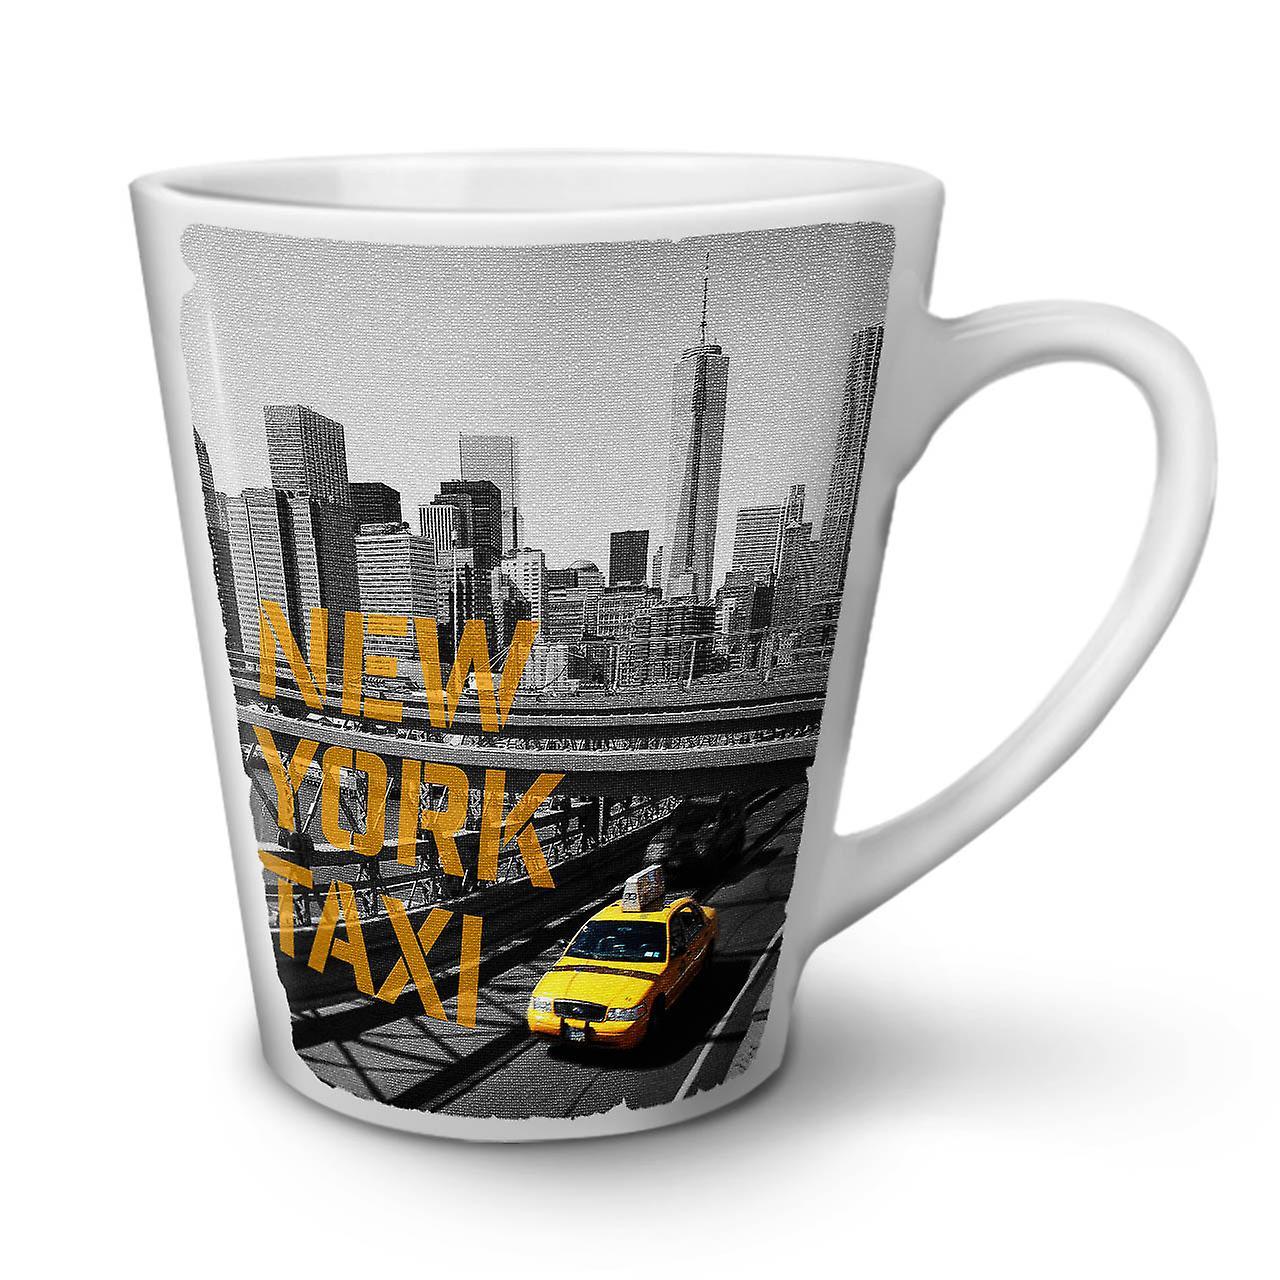 En Tasse Café 12 Blanche Céramique Latte Nouvelle Usa York Taxi New OzWellcoda wNn0v8Om